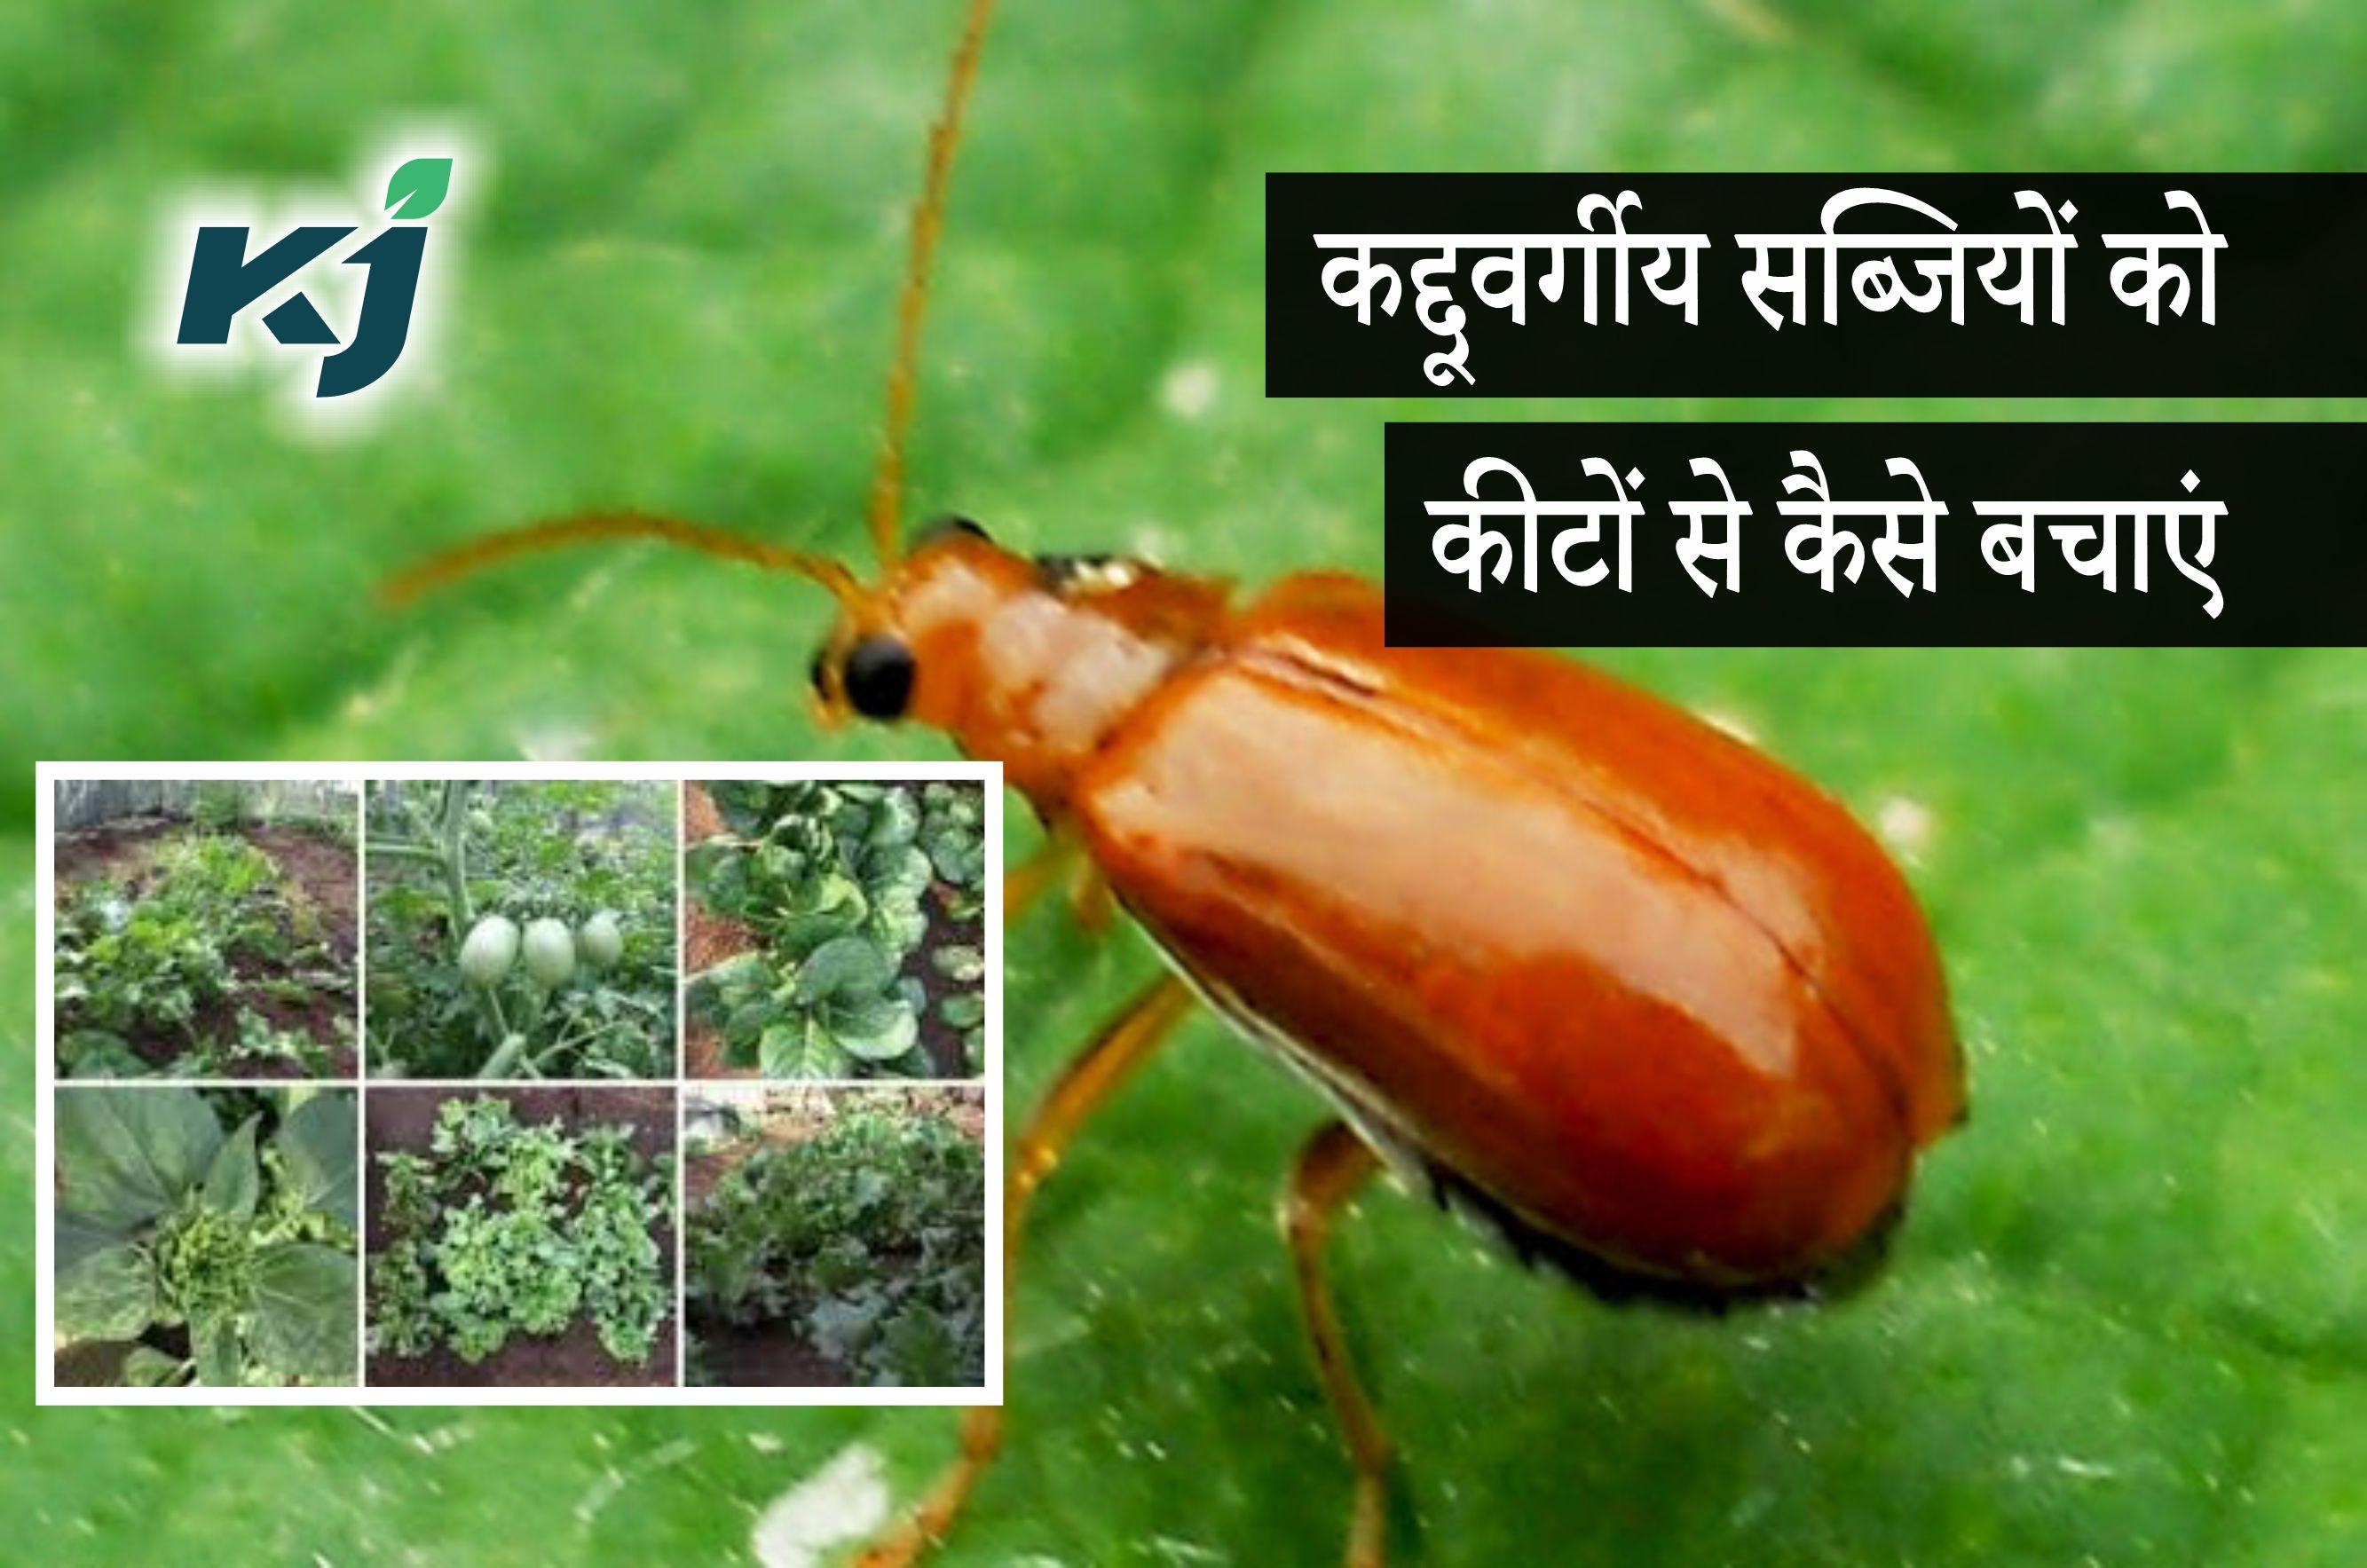 कद्दूवर्गीय सब्जियों पर लगने वाले प्रमुख कीटों की ऐसे करें रोकथाम